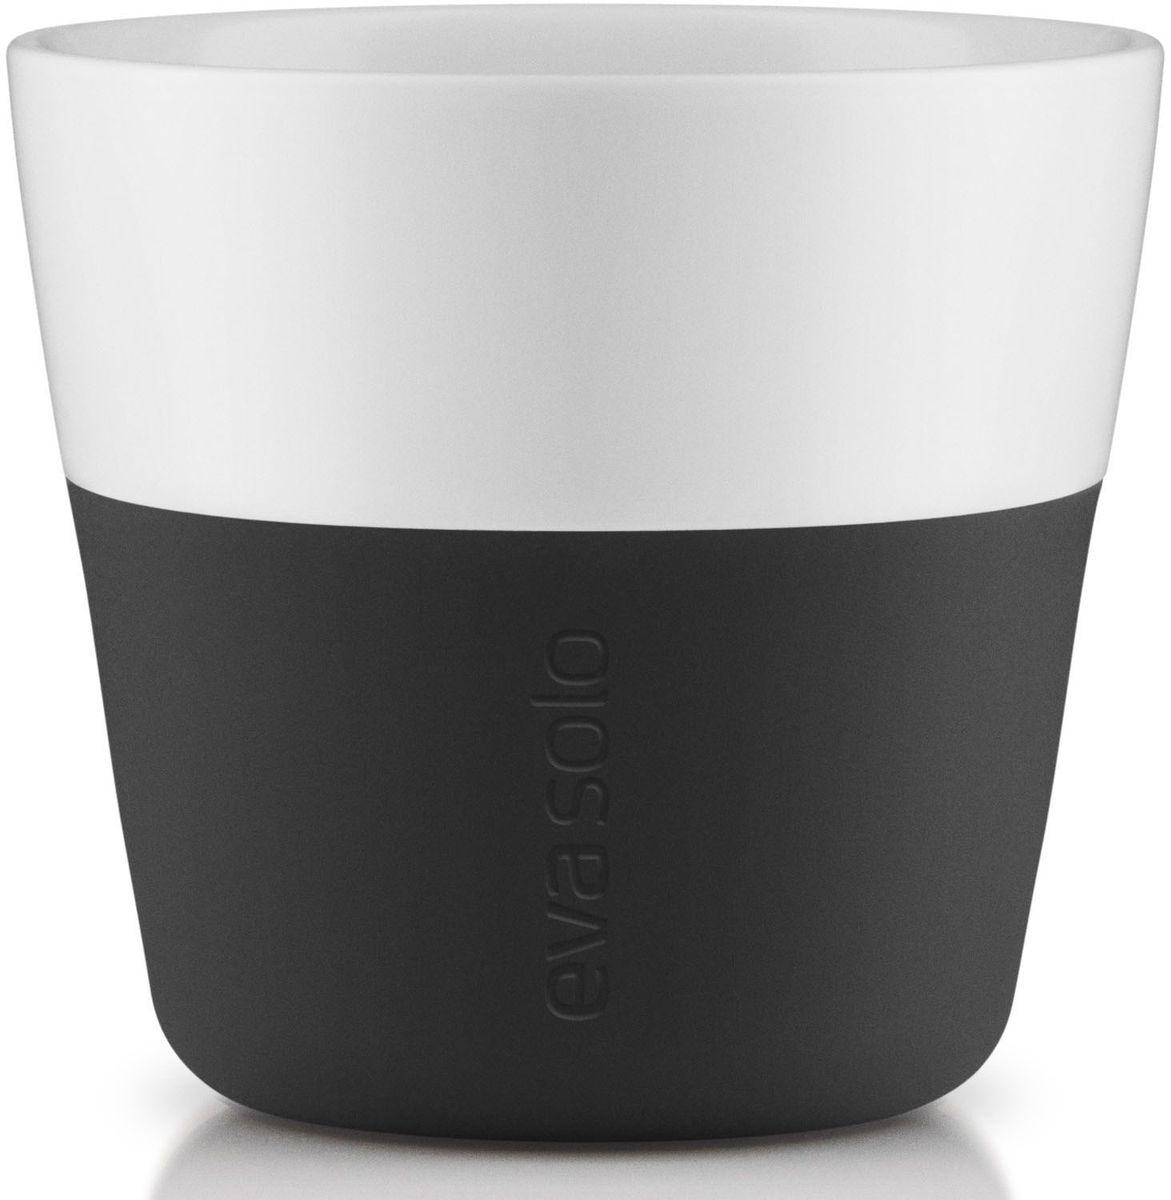 Чашки для лунго Eva Solo, 230 мл, 2 шт., цвет: черныйCM000001328Чашка для кофе лунго от Eva Solo рассчитана на 230 мл - оптимальный объем, а также стандарт для этого типа напитка у большинства кофе-машин. Чашка сделана из фарфора и имеет специальный силиконовый чехол, чтобы ее можно было держать в руках, не рискуя обжечь пальцы. Чехол легко снимается, и чашку можно мыть в посудомоечной машине. Умные и красивые предметы посуды от Eva Solo будут украшением любой кухни!